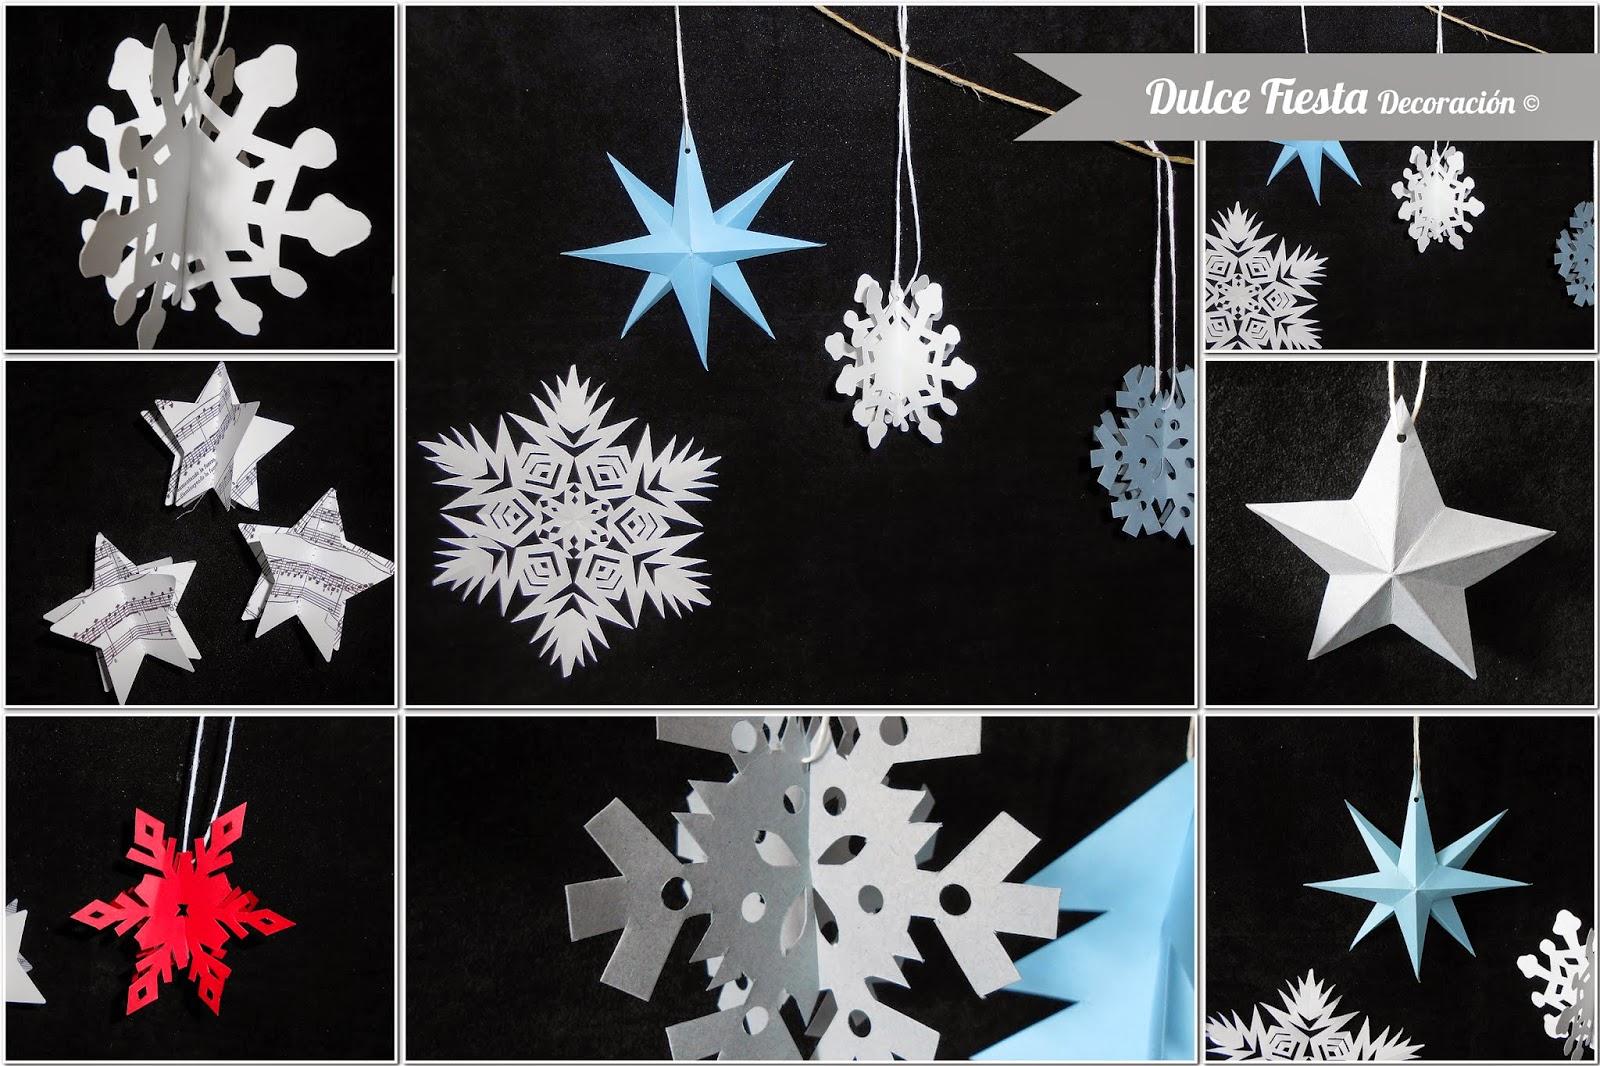 Dise o y decoraci n personalizada para eventos siete - Adornos navidenos de papel ...